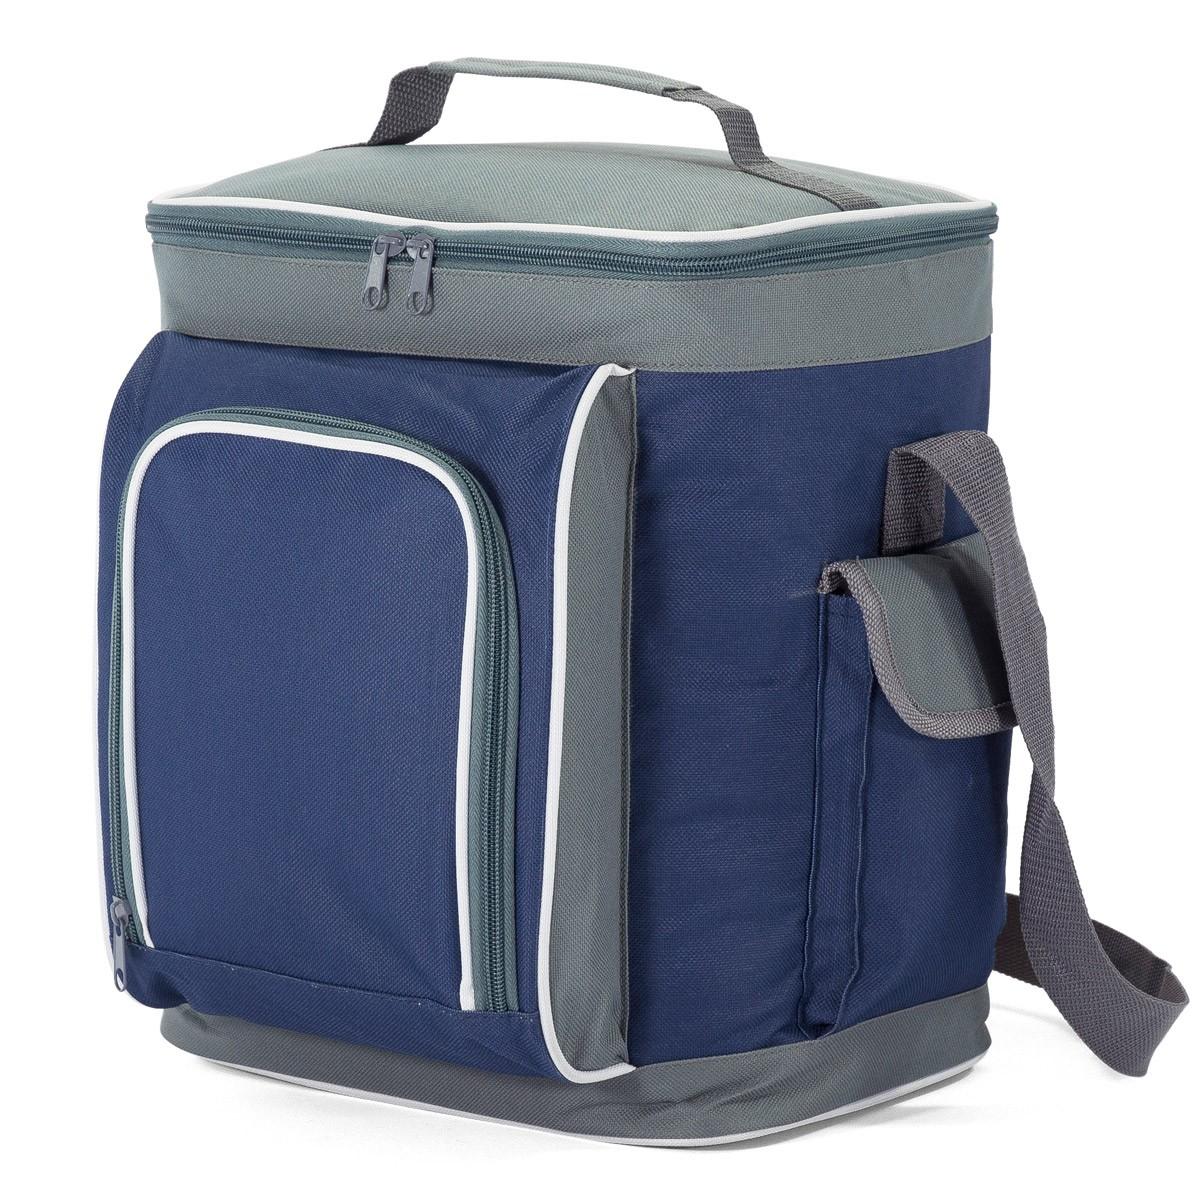 Ισοθερμική Φορητή Τσάντα (22Lit) Benzi 5140 Blue home   θαλάσσης   gadget παραλίας